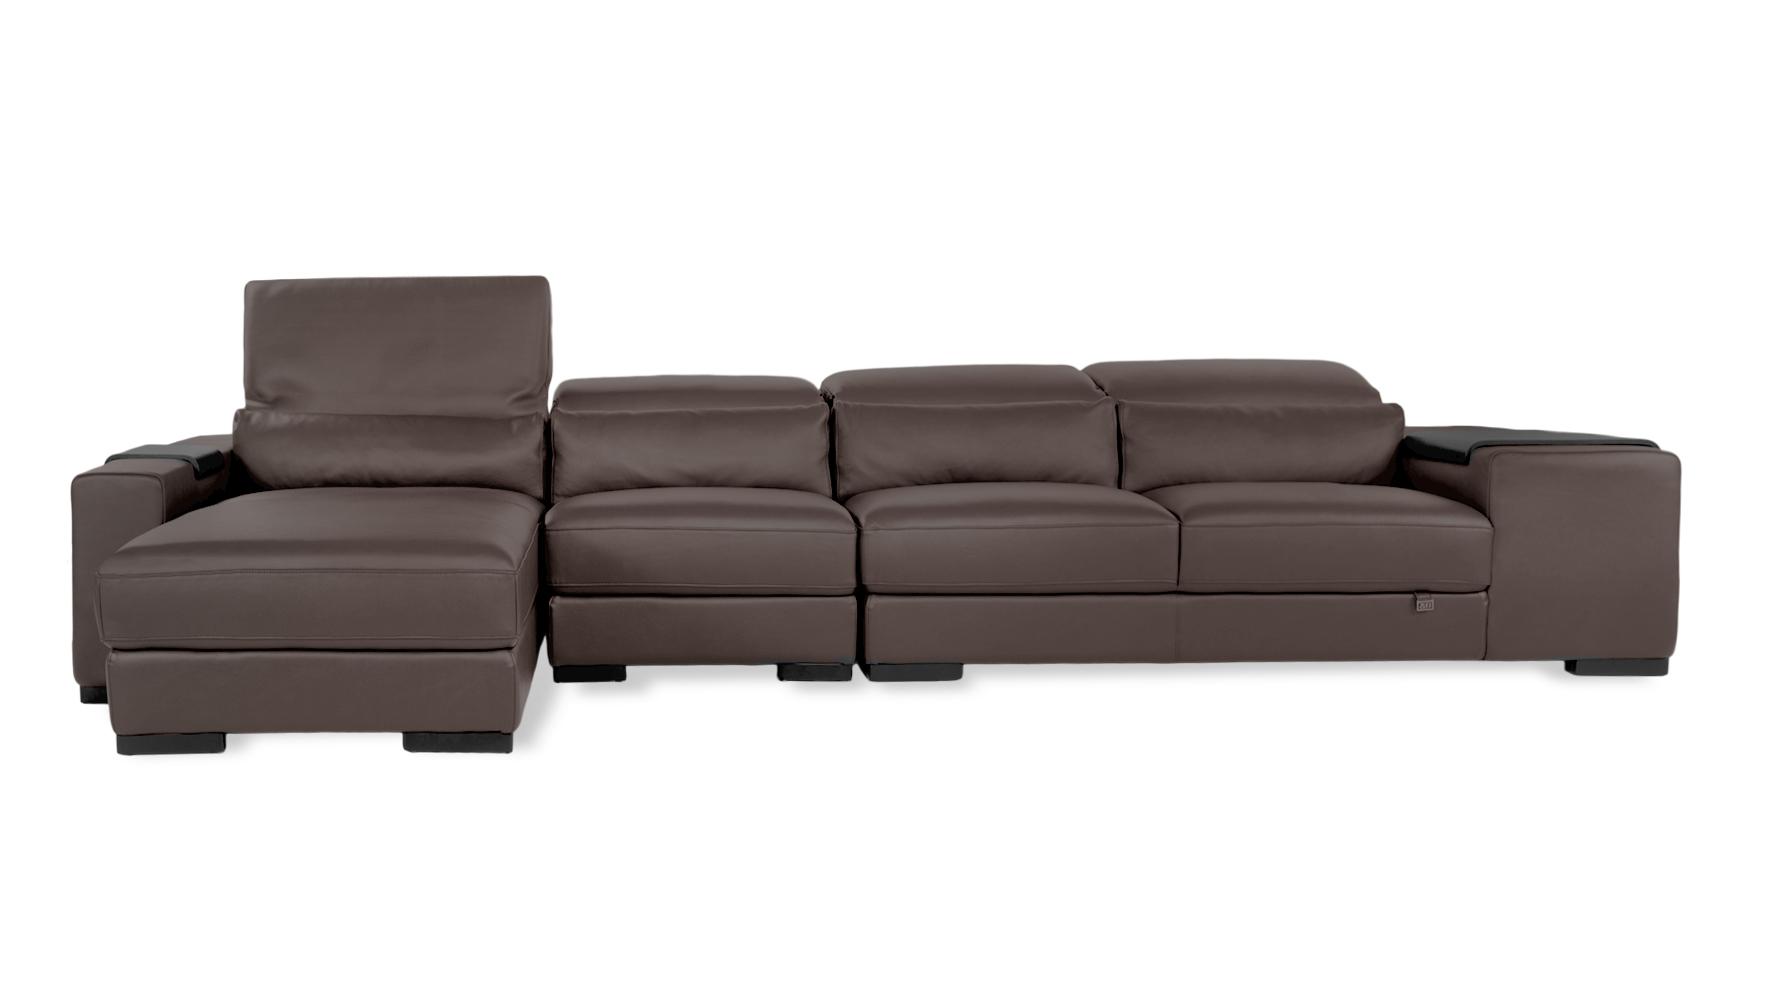 Dutch Leather Sectional Sofa  Zuri Furniture